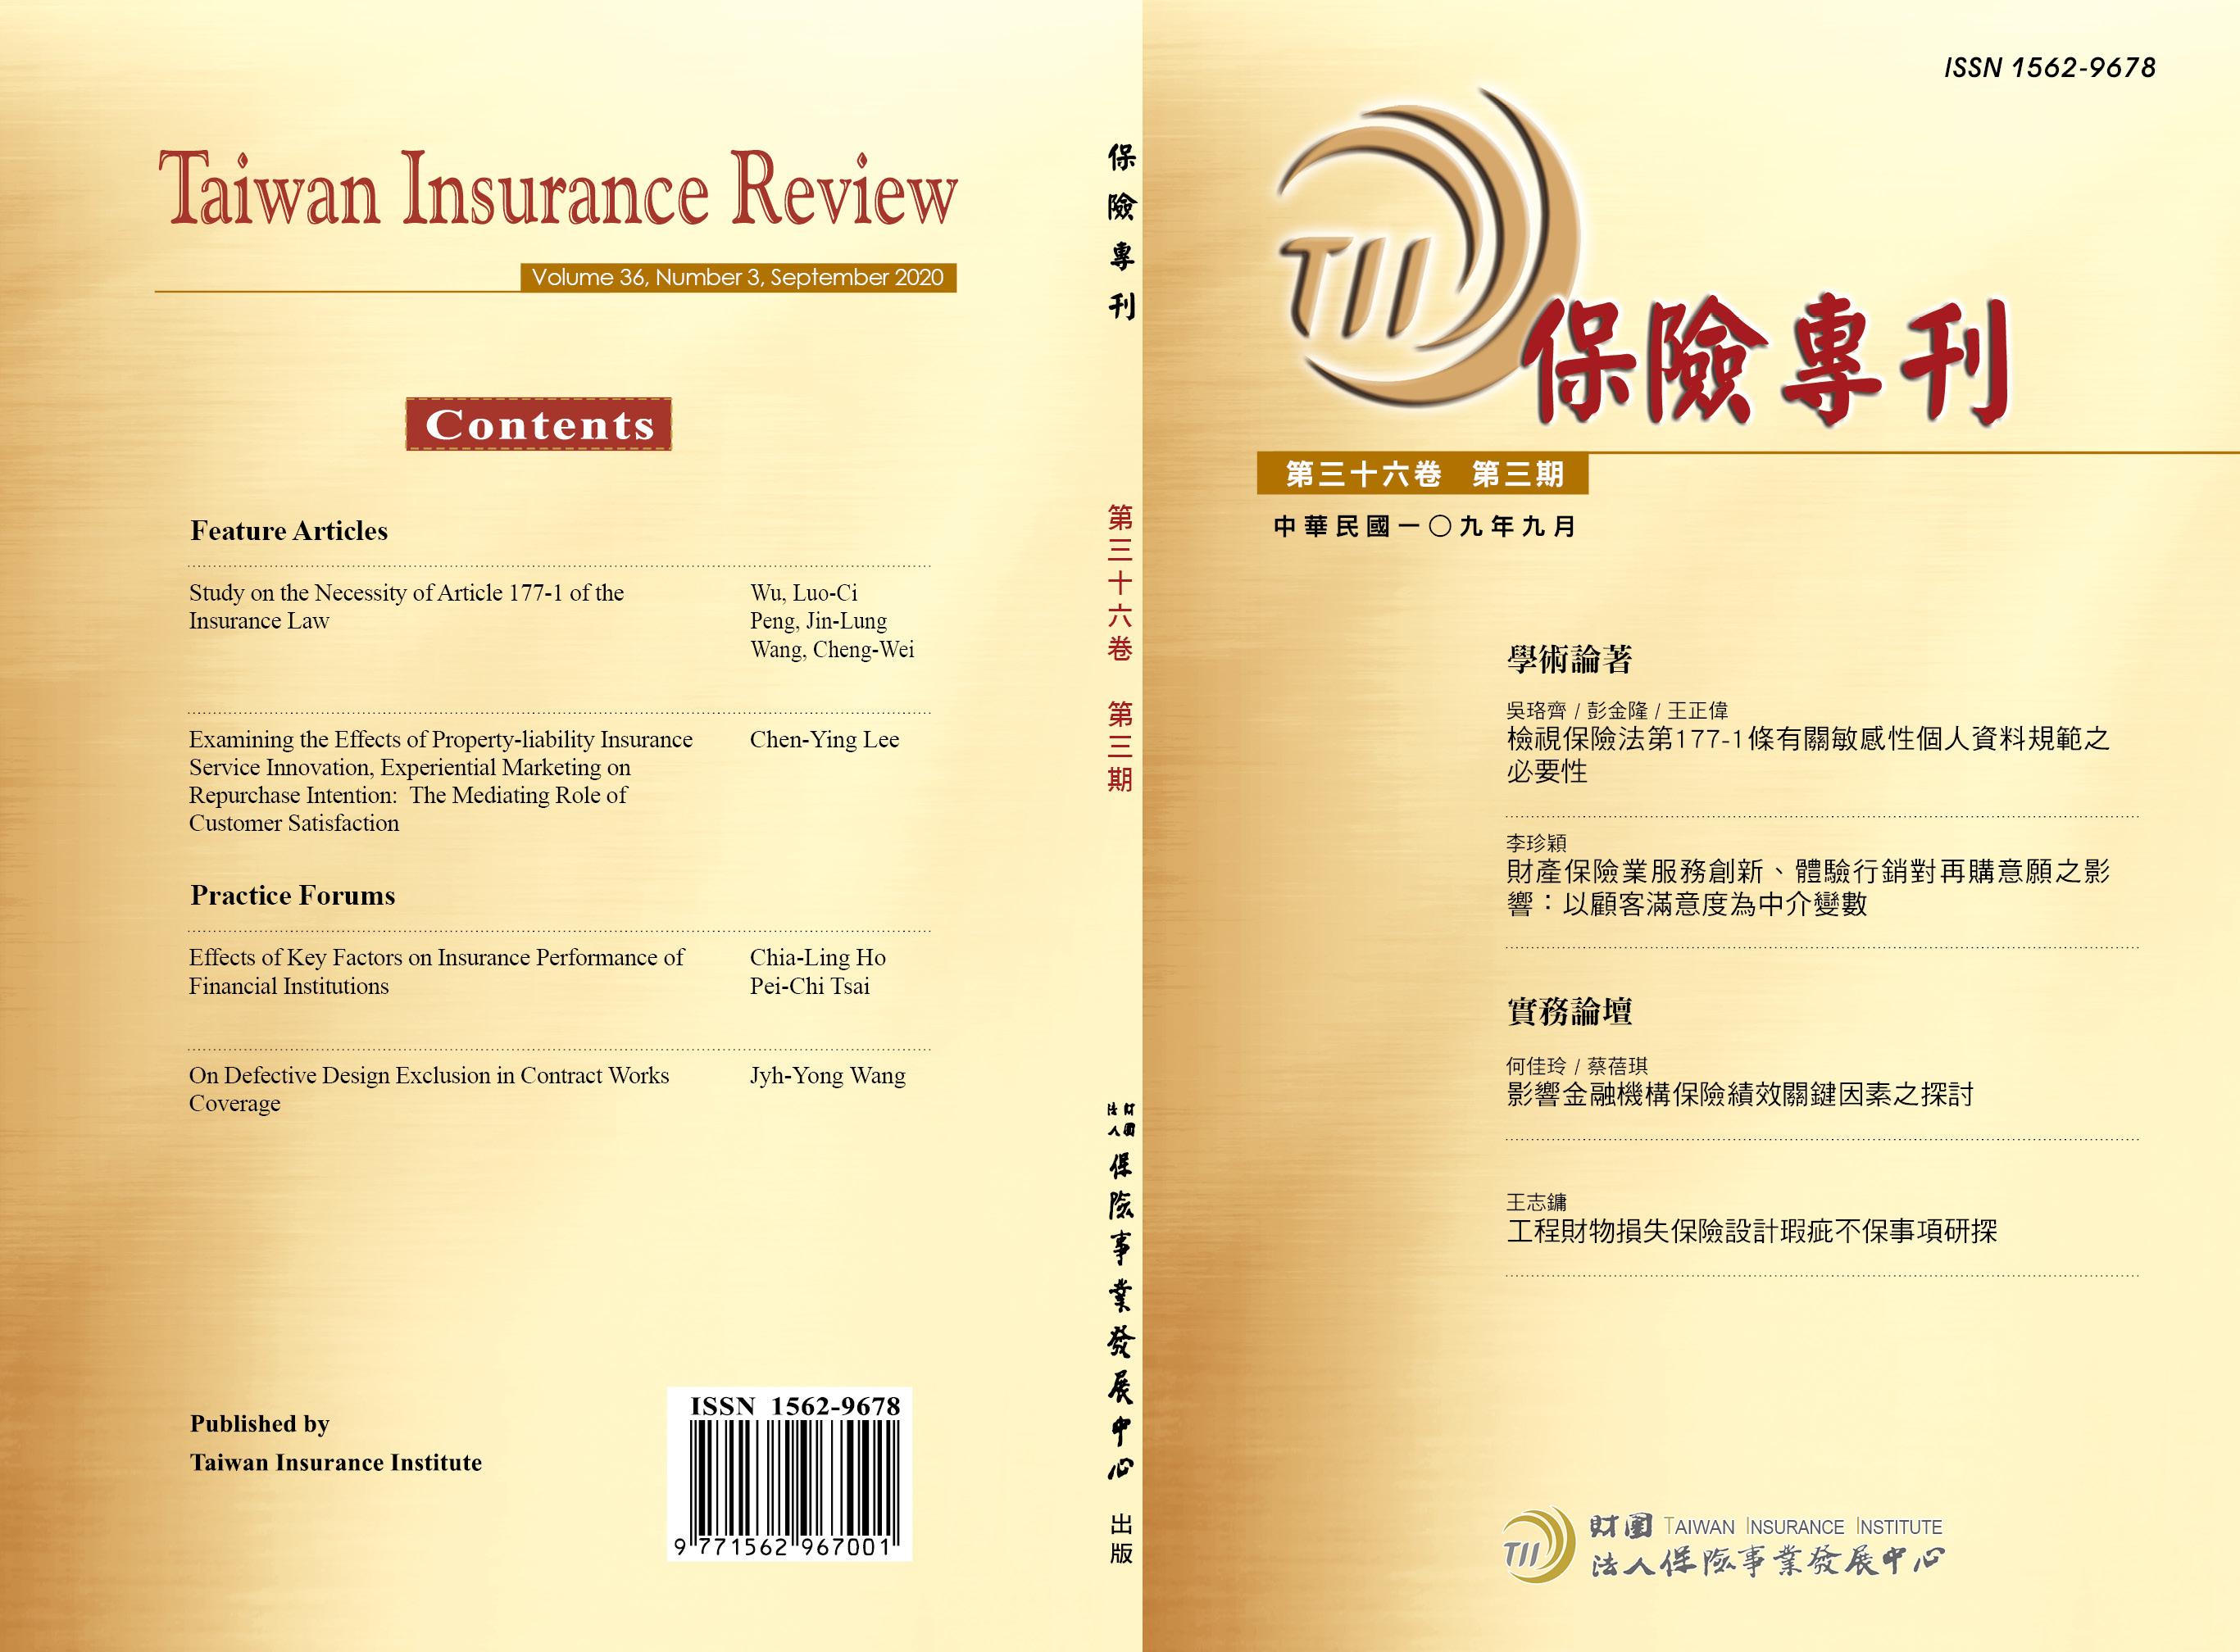 財產保險業服務創新、體驗行銷對再購意願 之影響:以顧客滿意度為中介變數